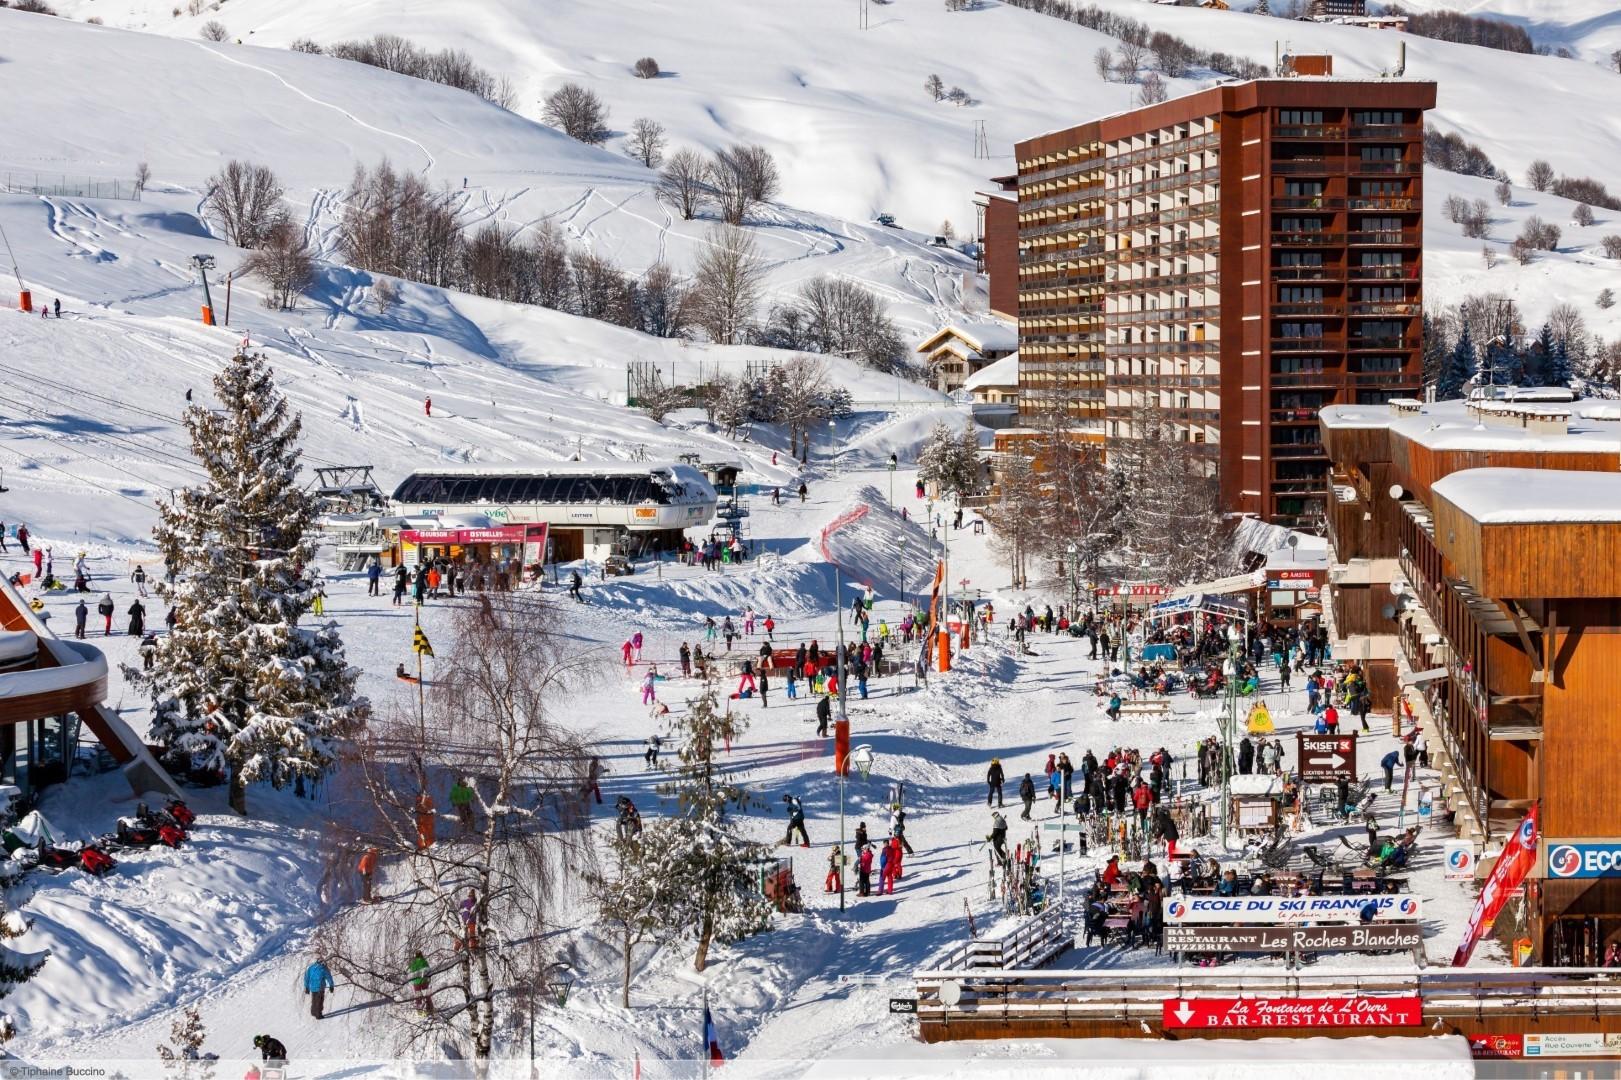 wintersport en aanbiedingen in Le Corbier (Les Sybelles)